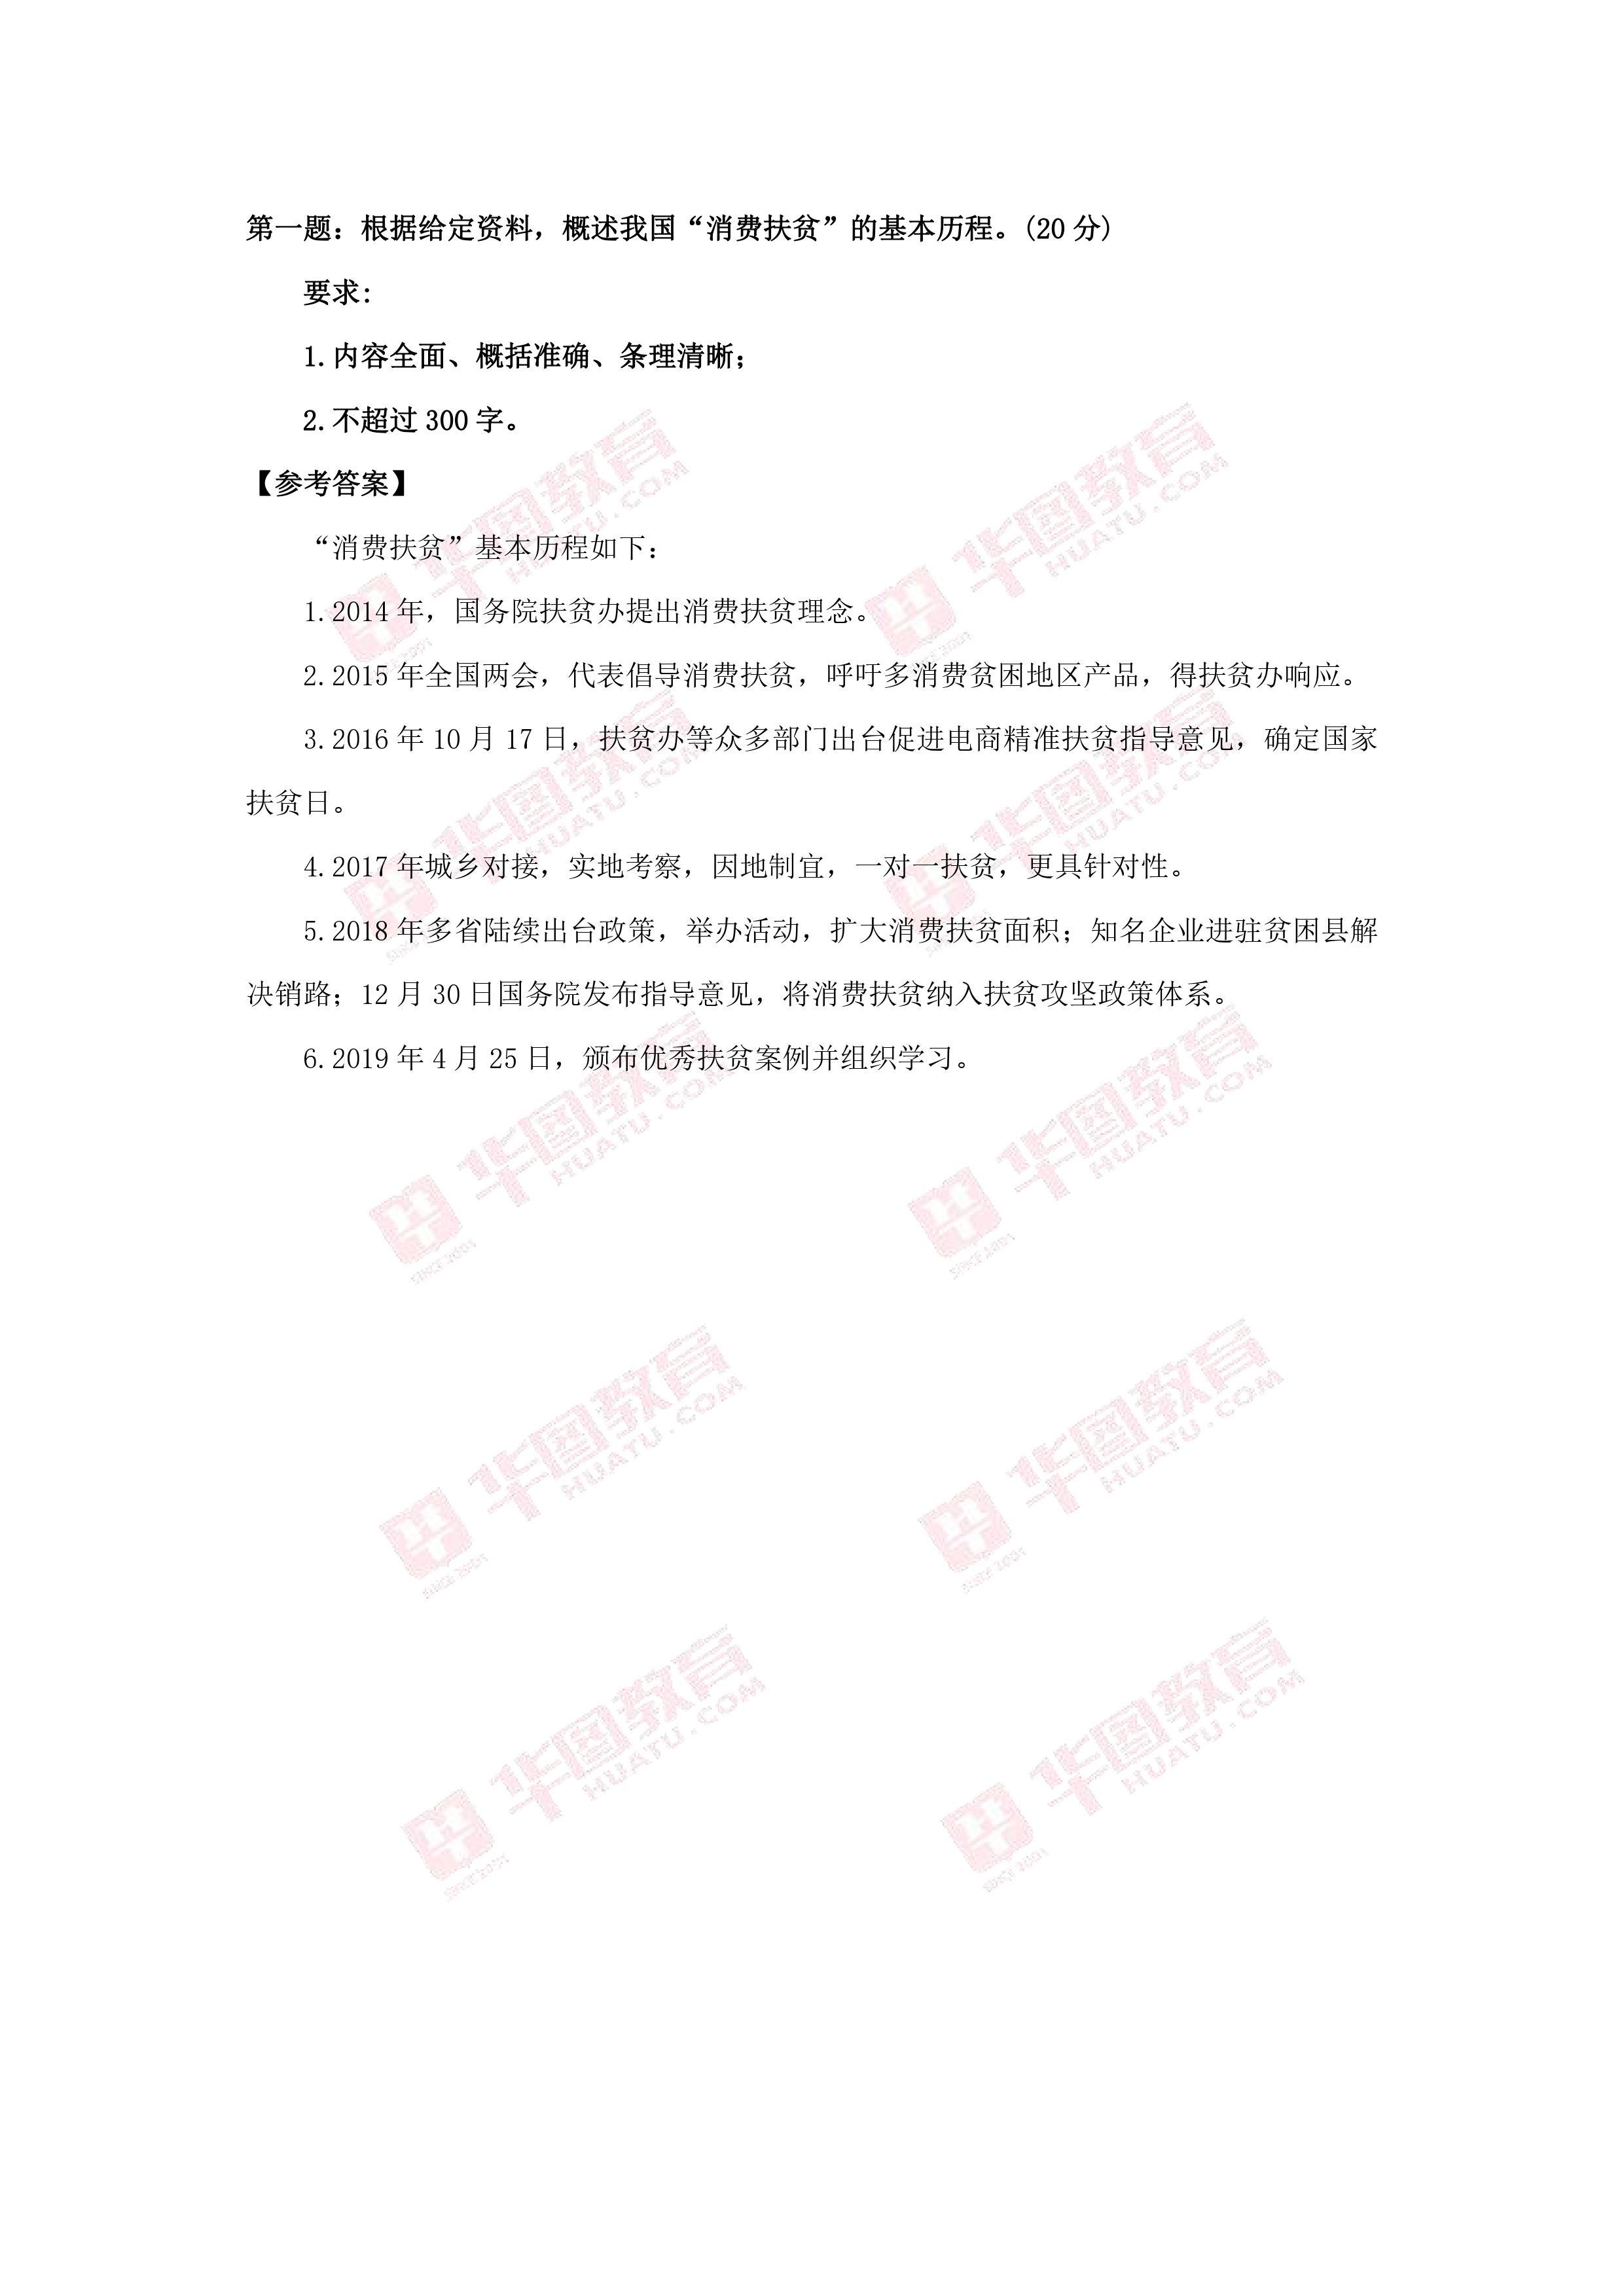 2019河北公务员考试申论题分析